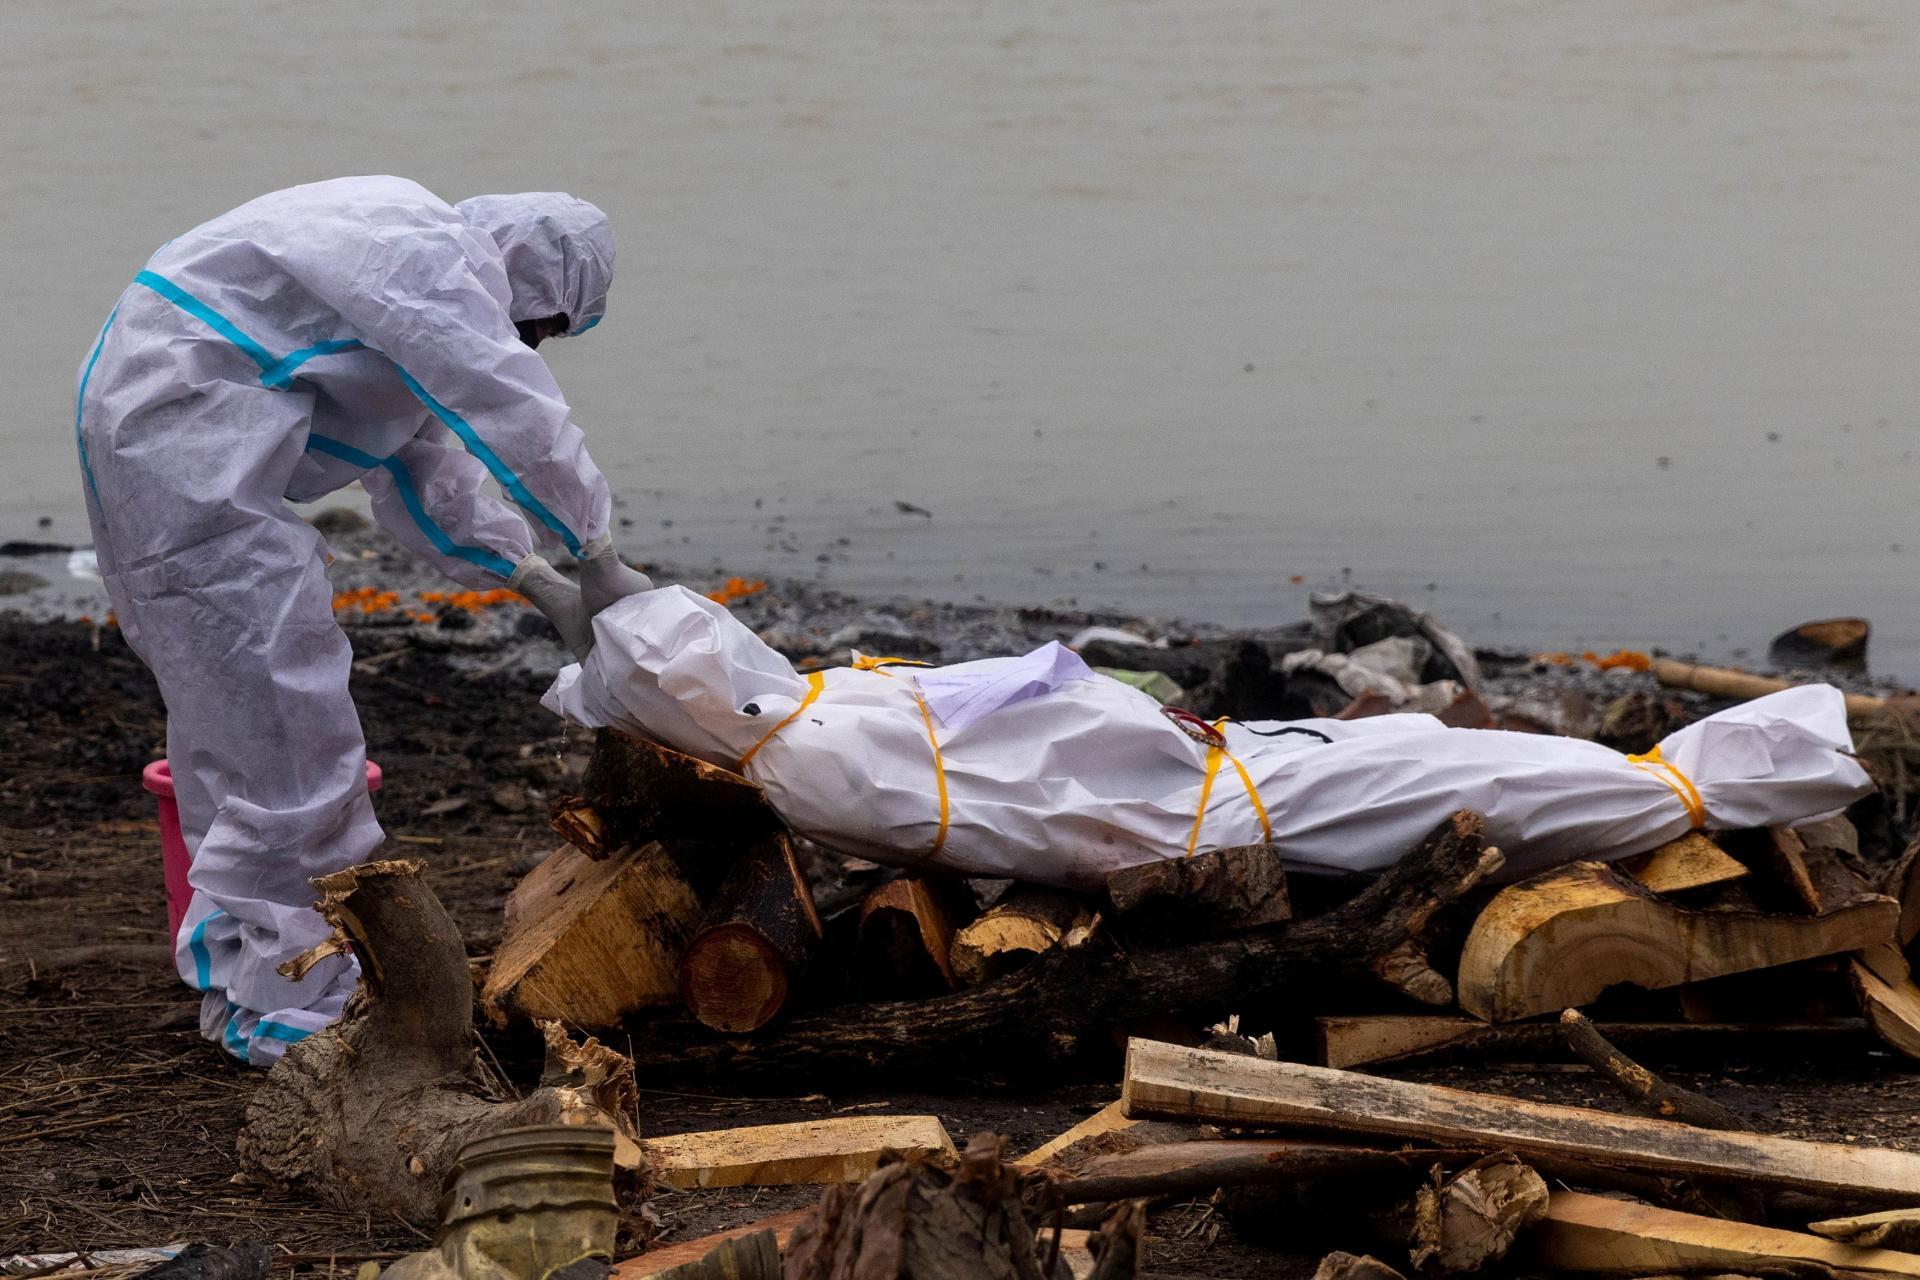 Un homme vêtu d'une combinaison de protection porte le corps d'un membre de sa famille, décédé des suites du Covid-19, avant son incinération sur les rives du Gange, à Garhmukteshwar (Uttar Pradesh), le 6 mai 2021.